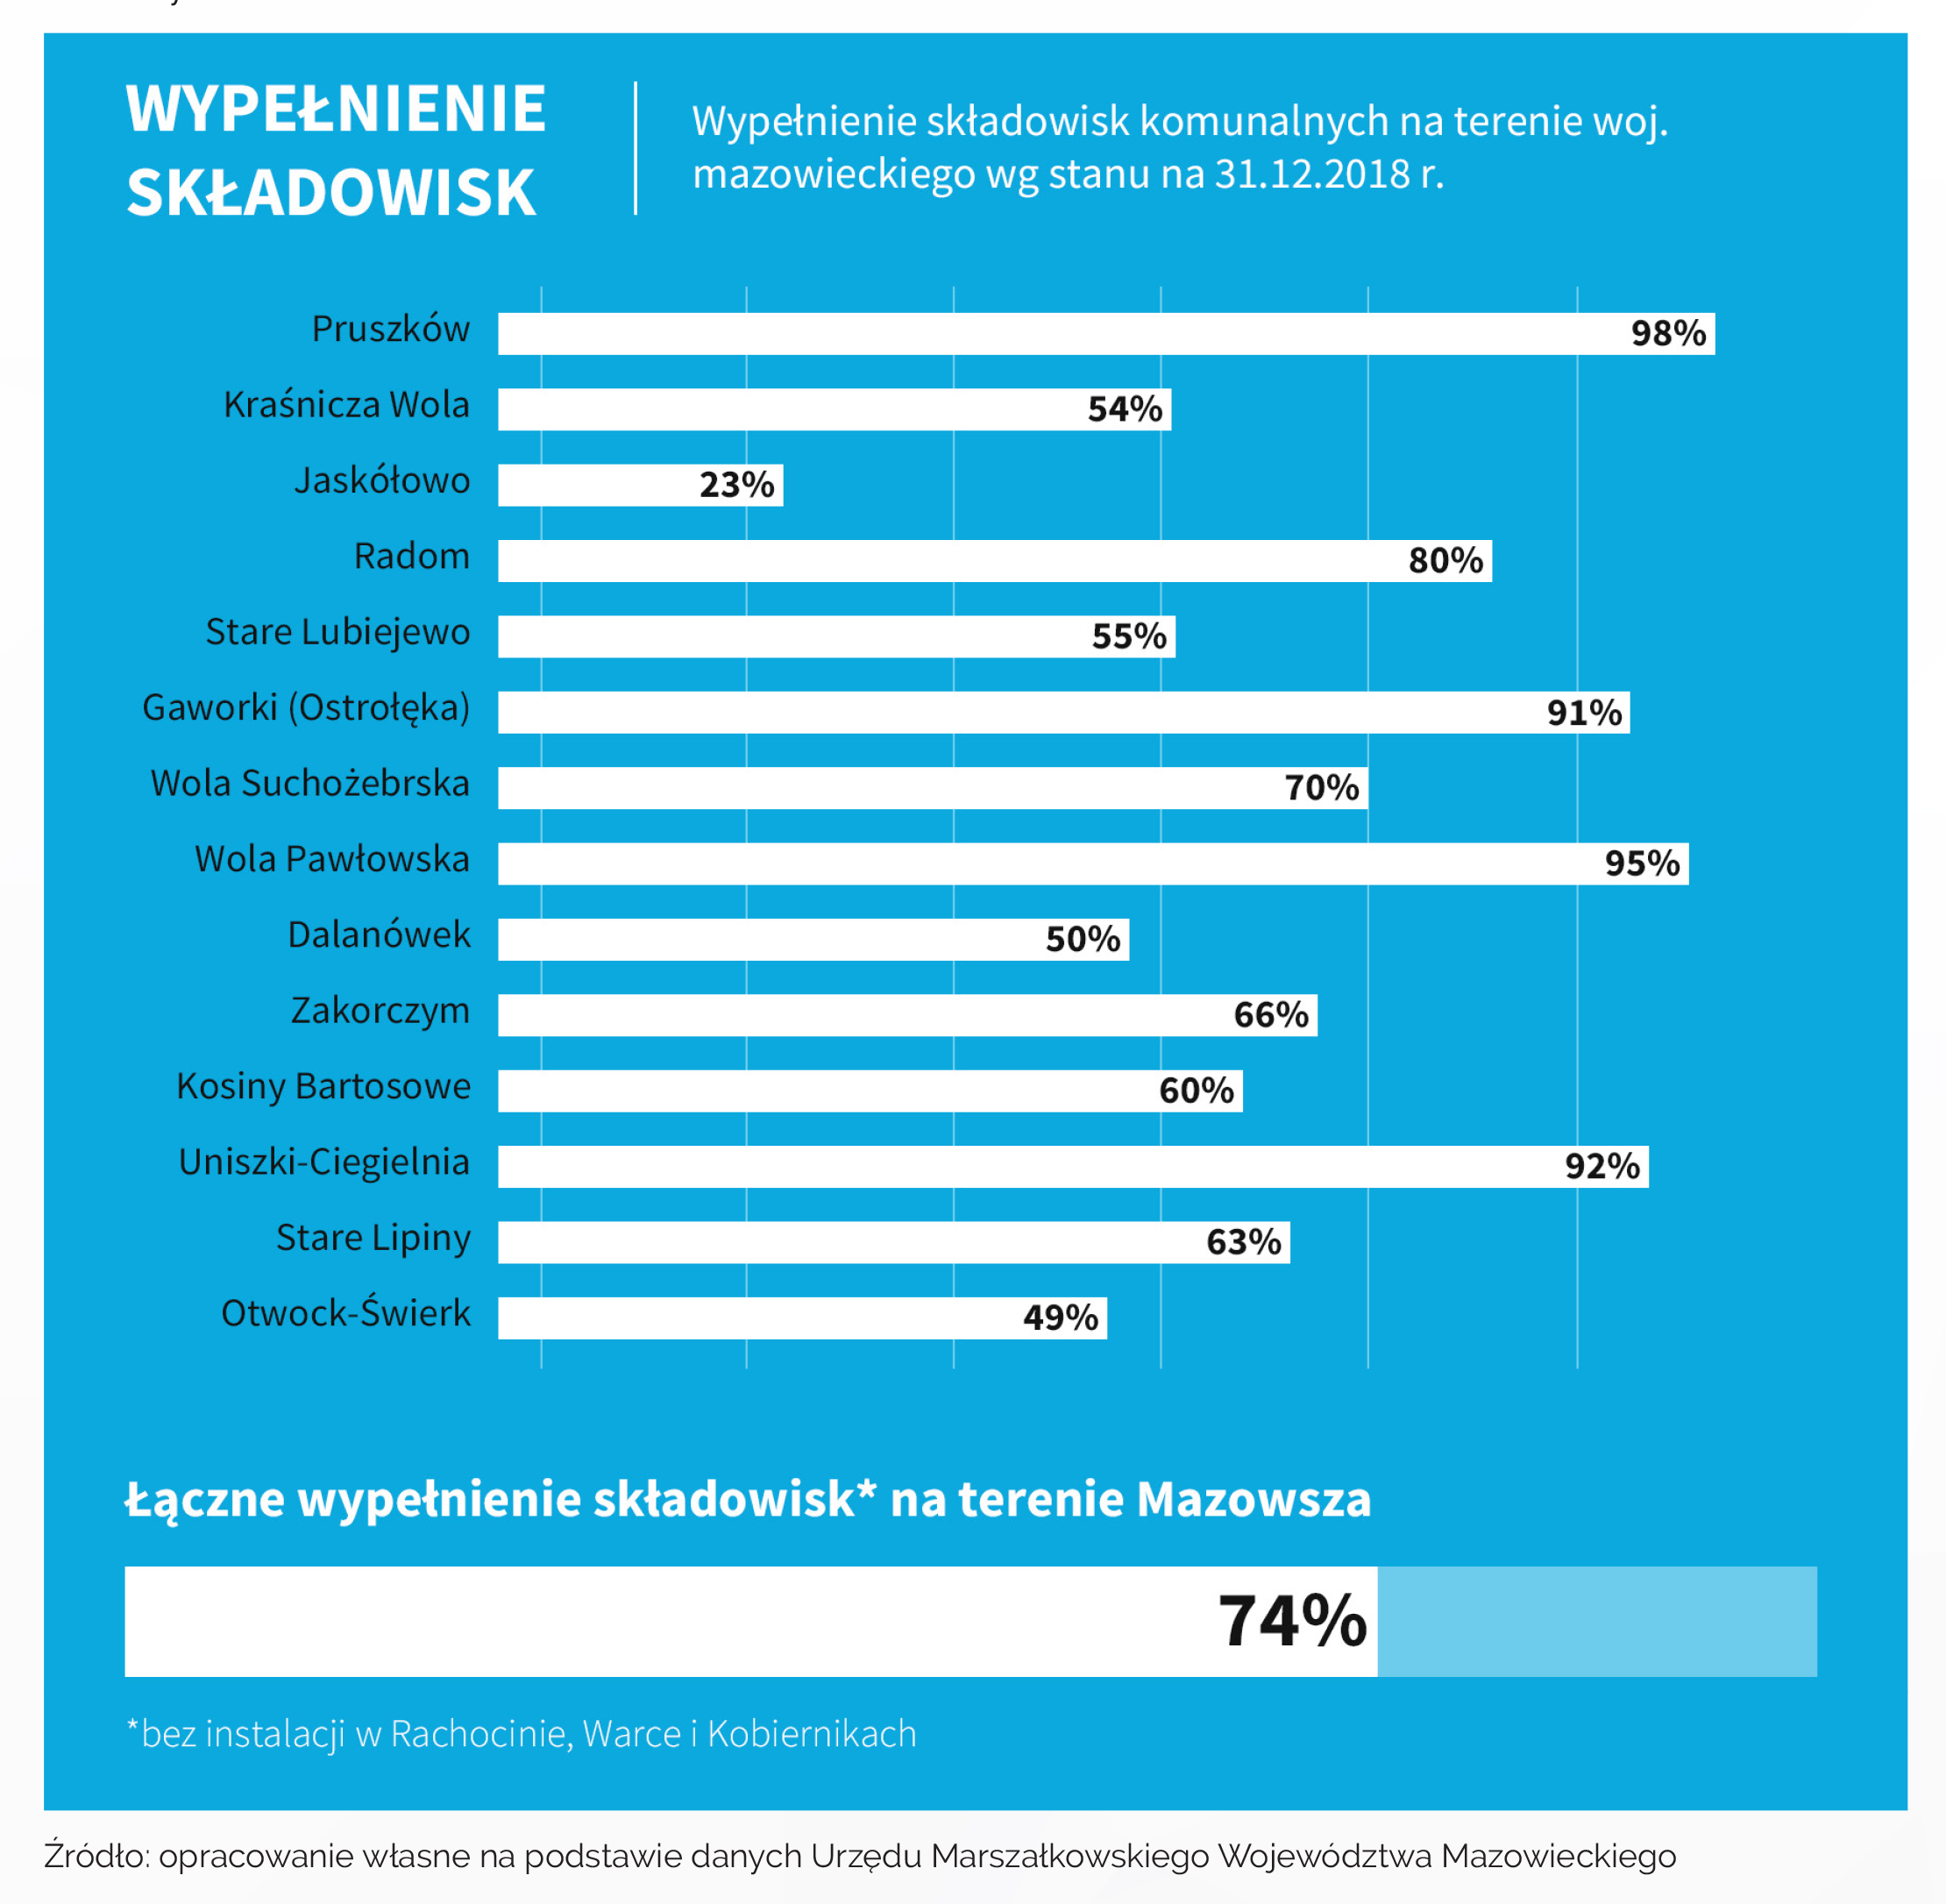 Wypełnienie składowisk na Mazowszu (źródło: Warszawskie Forum Samorządowe)